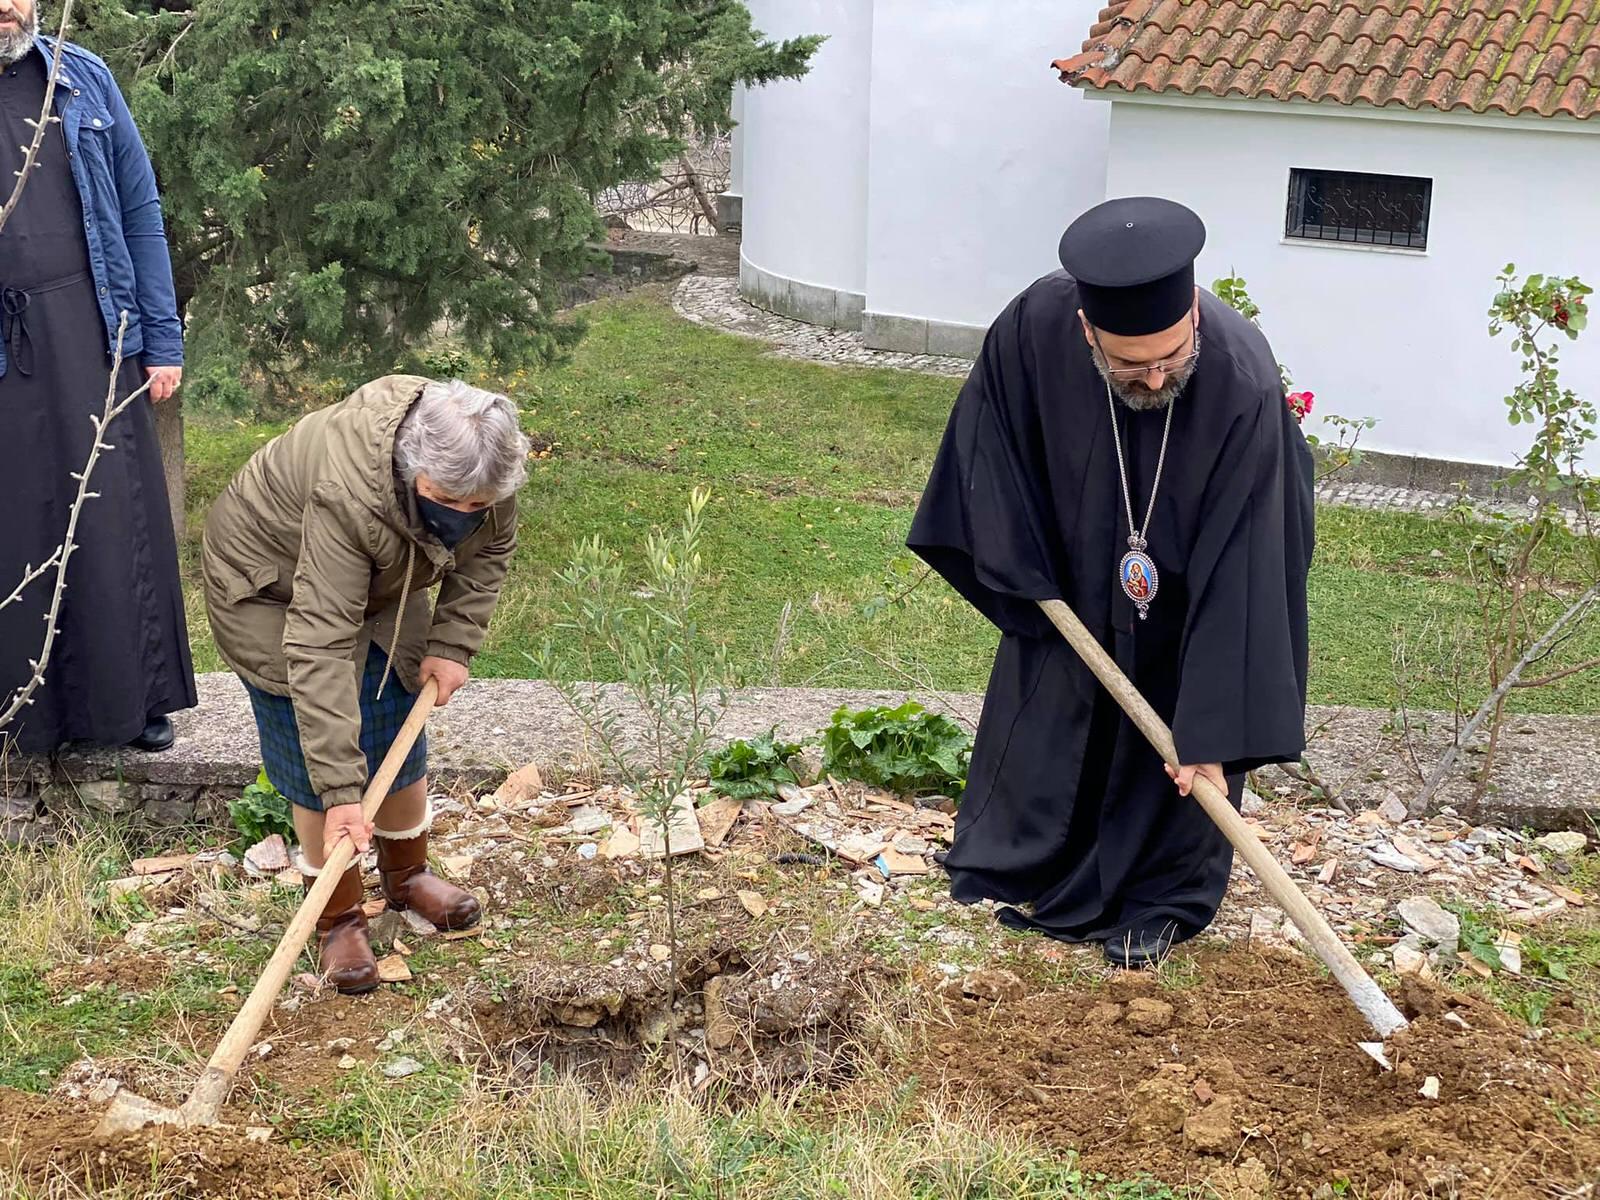 Μητροπολίτης Ελμπασάν Αντώνιος Δενδροφύτευση Αλβανία Χριστούγεννα